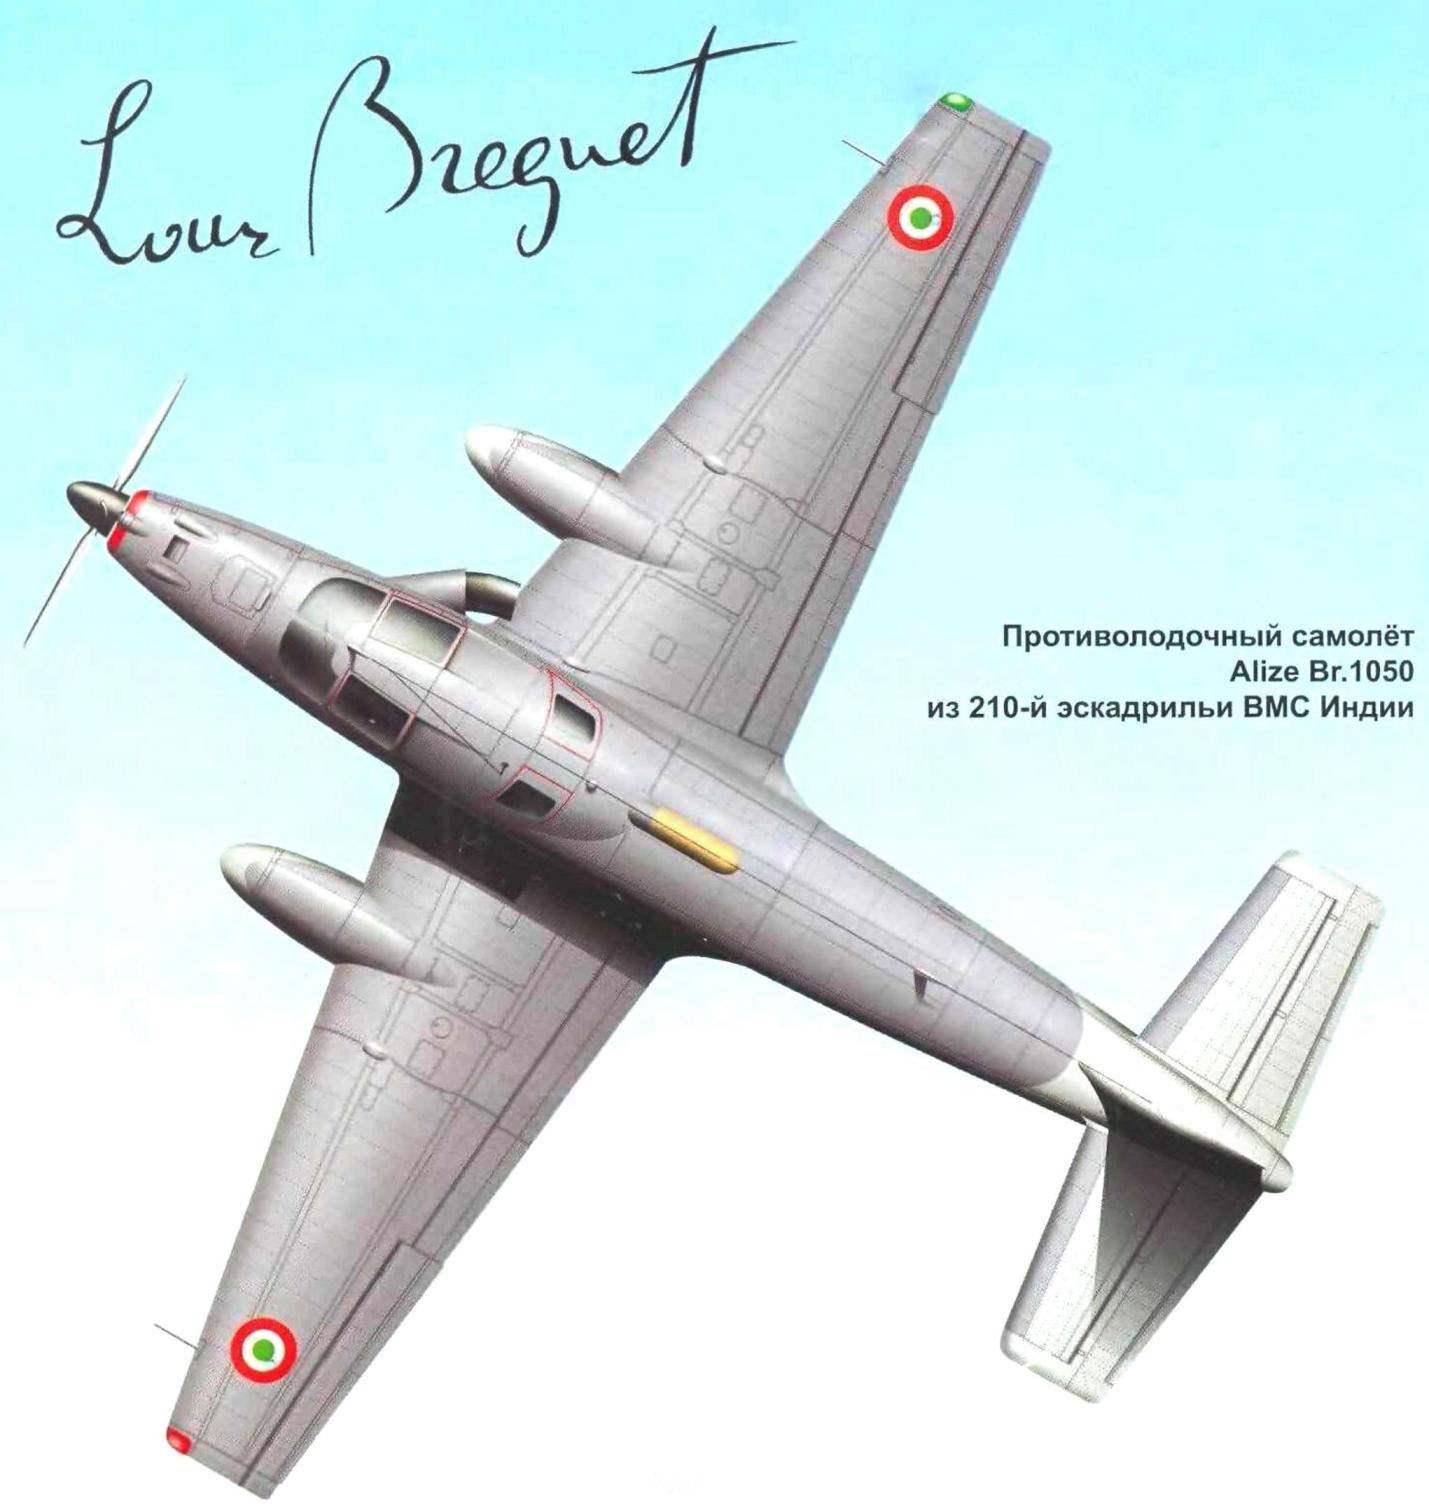 Противолодочный самолёт Alize Br.1050 из 210-й эскадрильи ВМС Индии